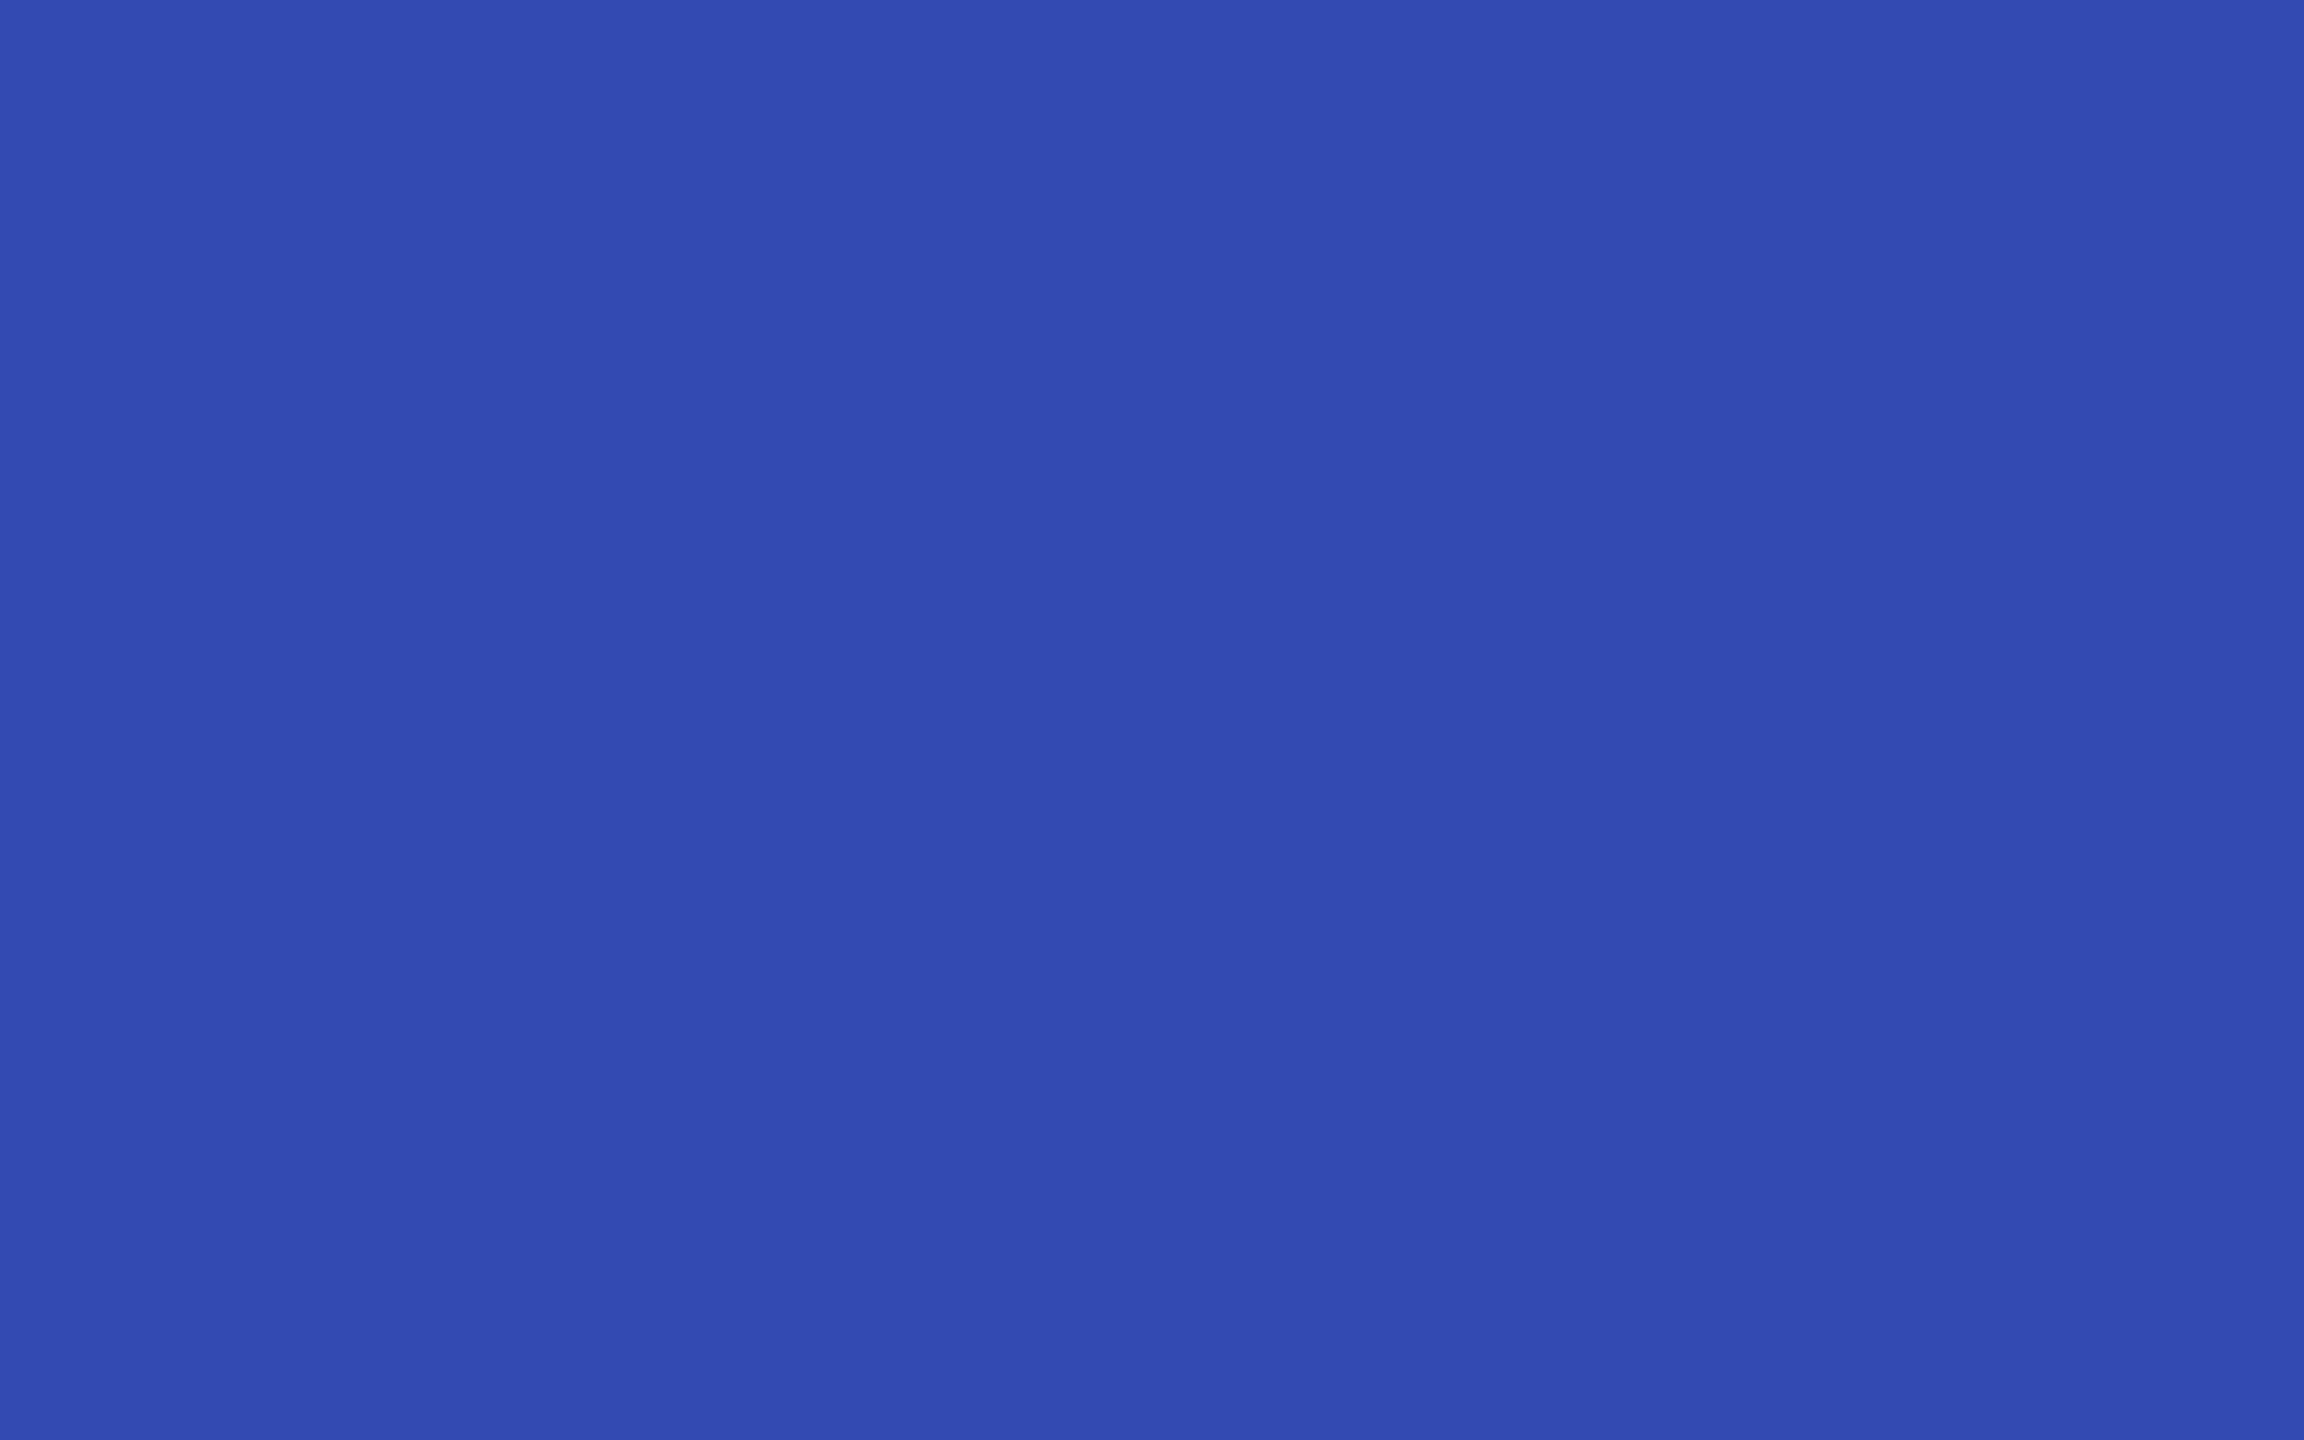 2304x1440 Violet-blue Solid Color Background